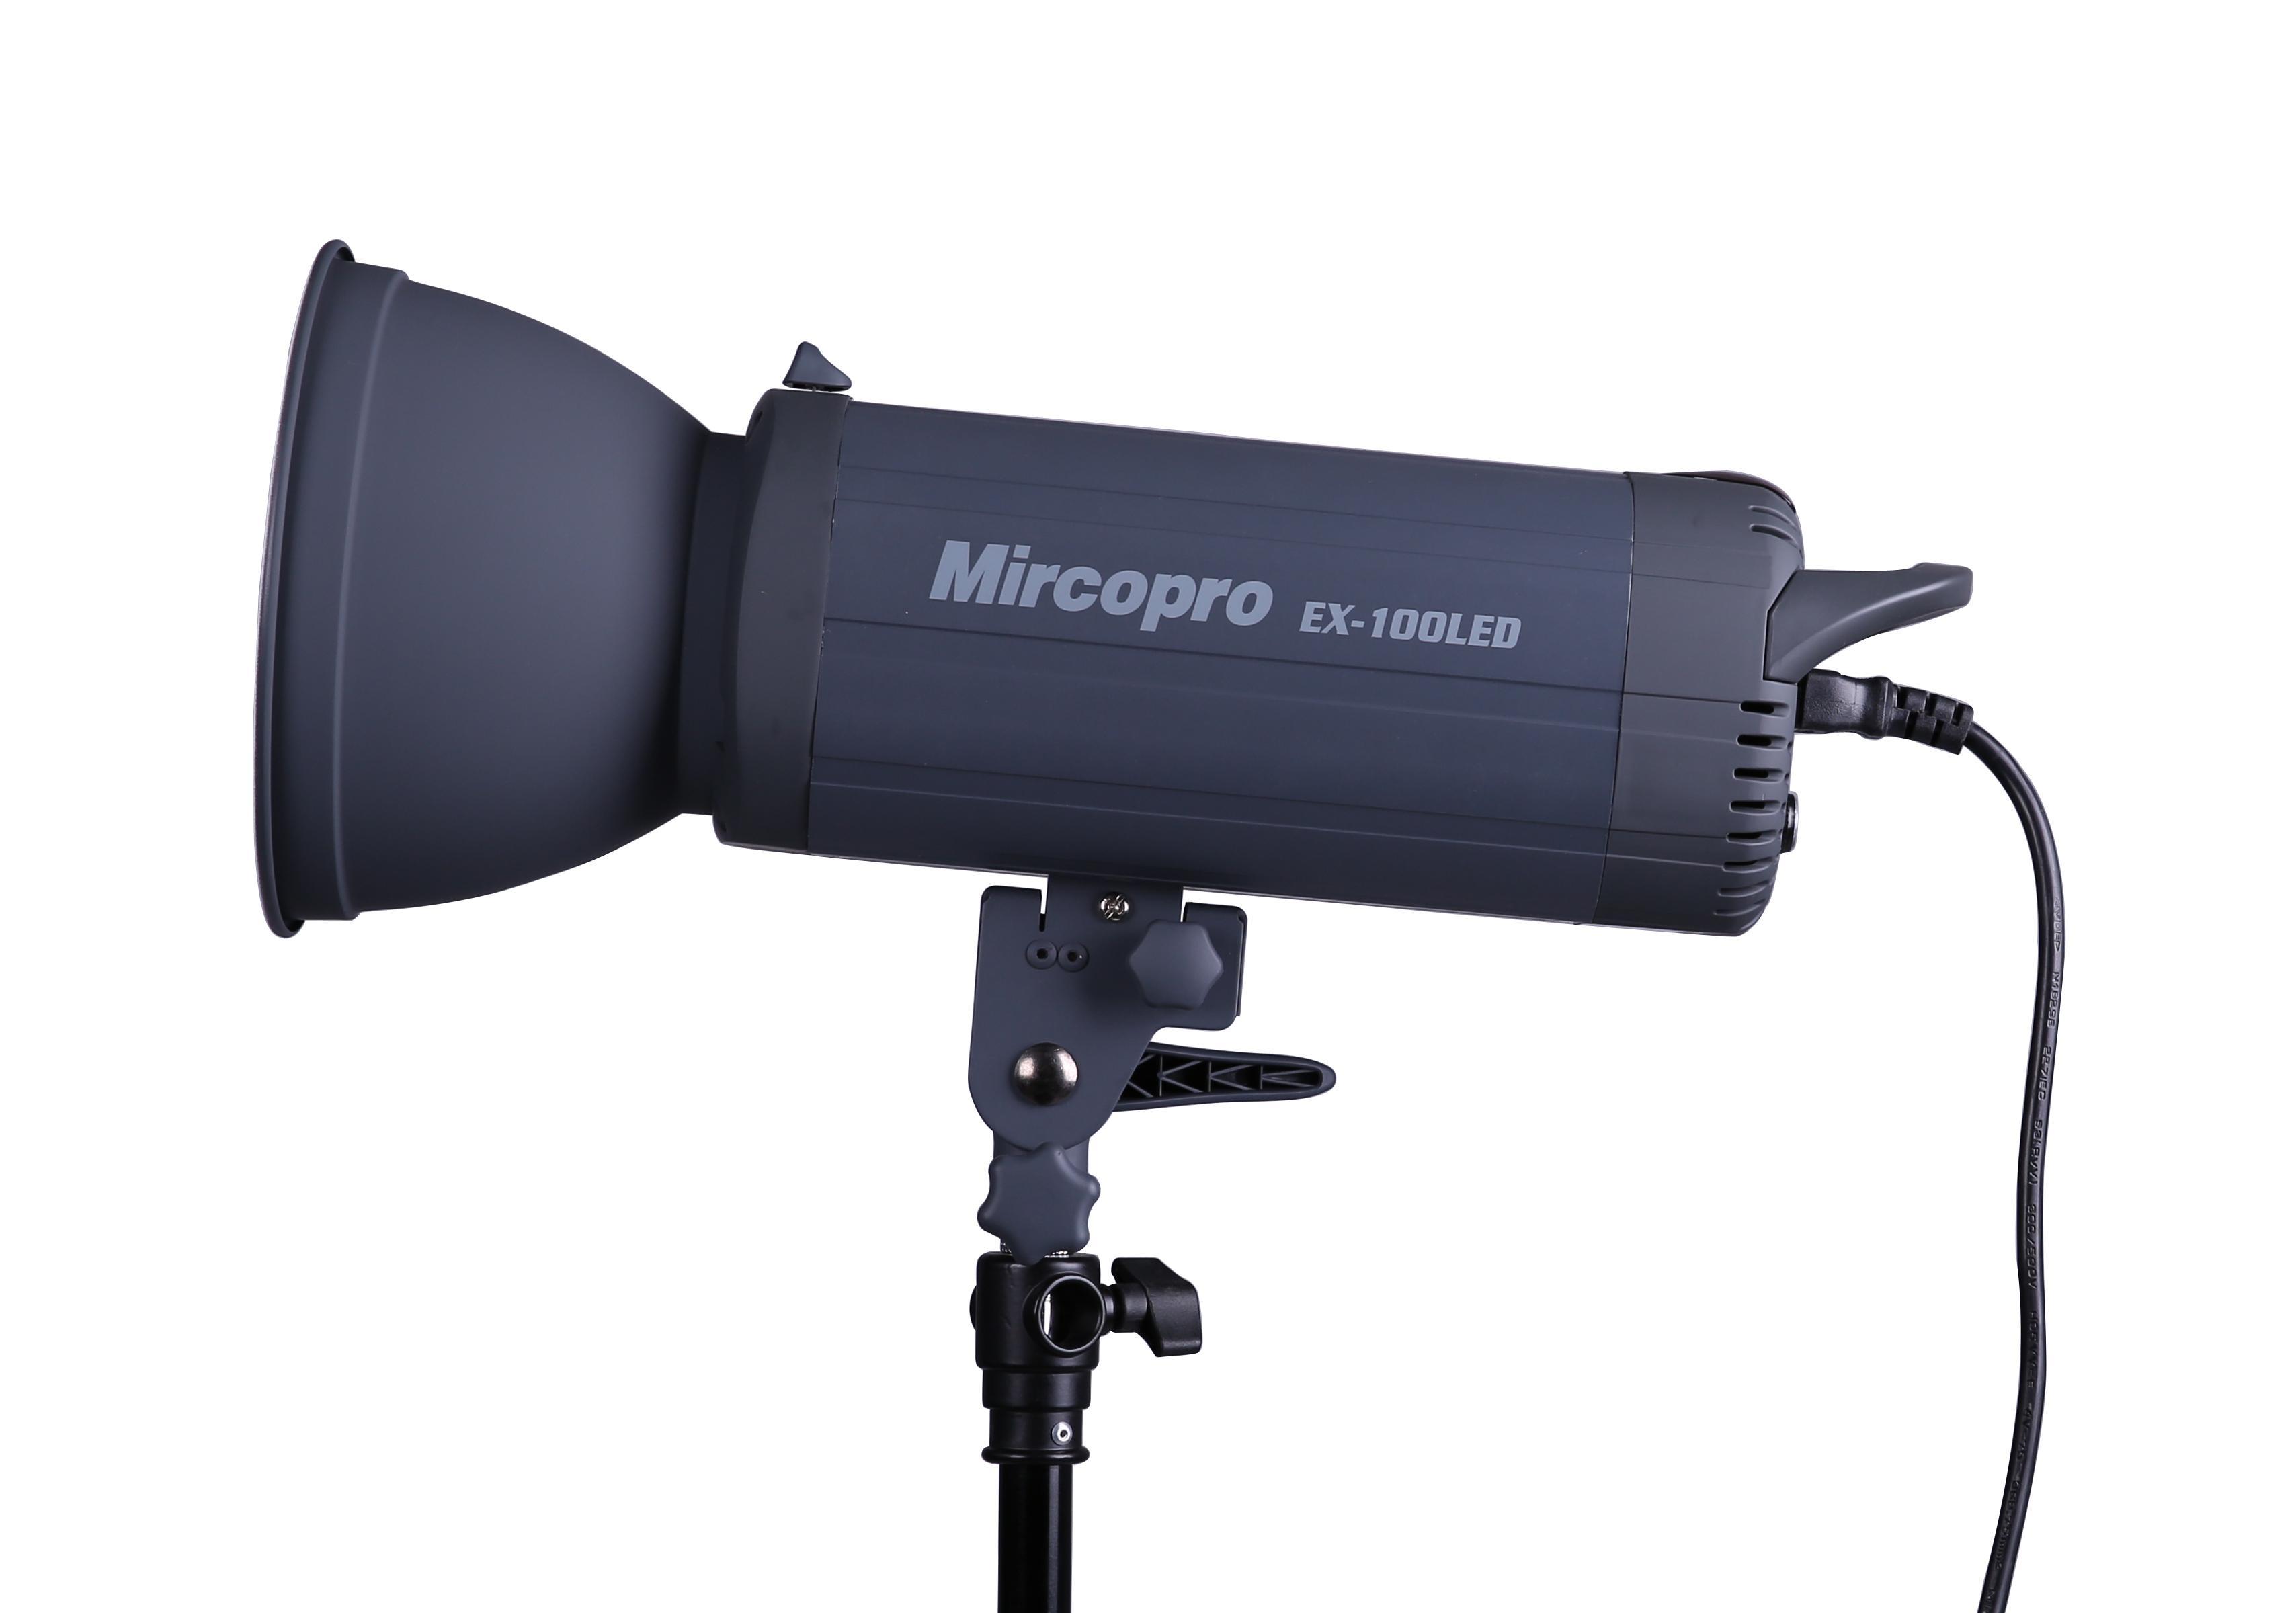 mircopro Постоянный студийный LED свет Mircopro EX-100LED